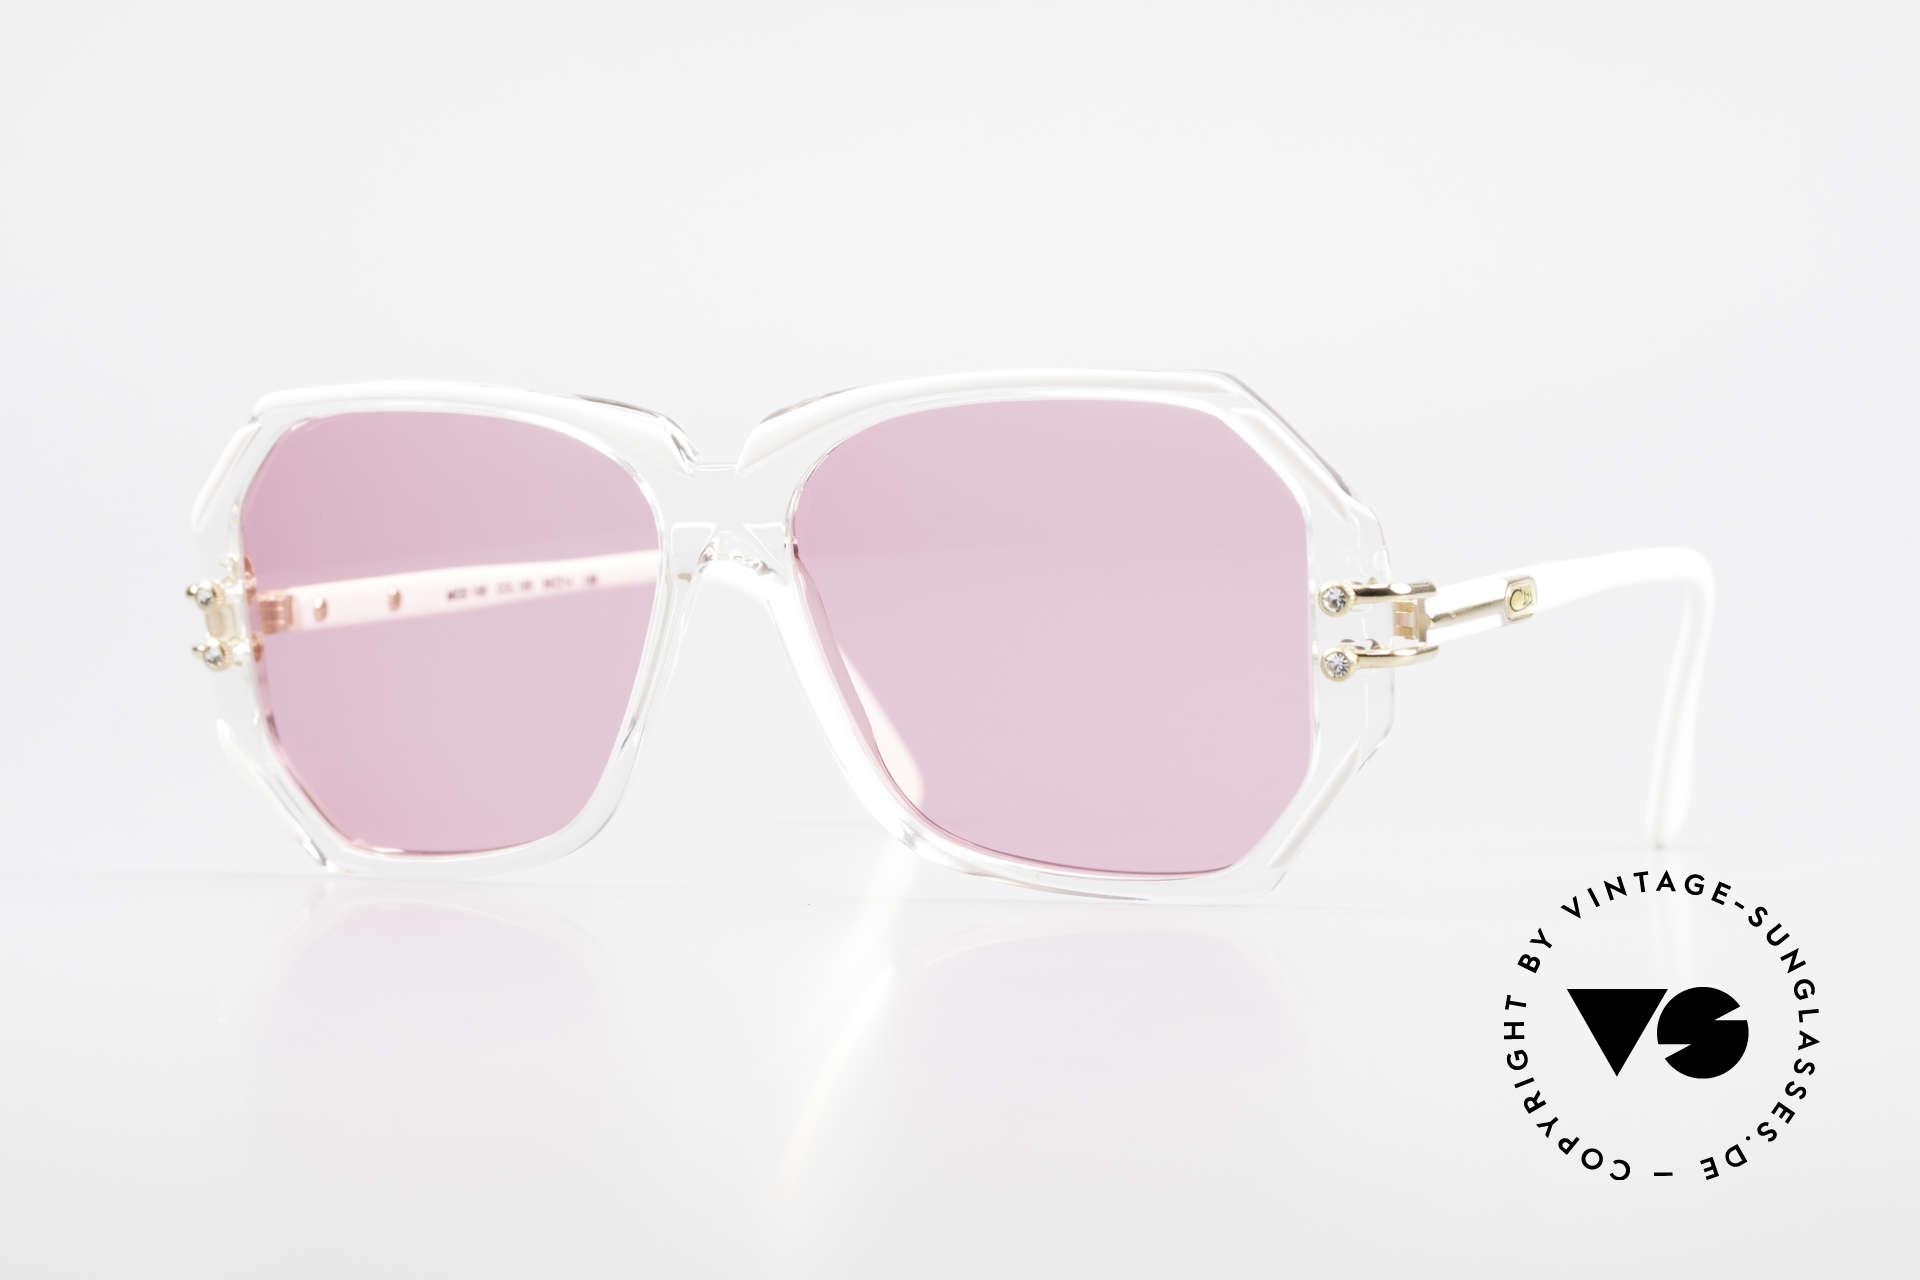 Cazal 169 Pinke Designer Sonnenbrille, extravagante vintage Designer-Sonnenbrille von CAZAL, Passend für Damen